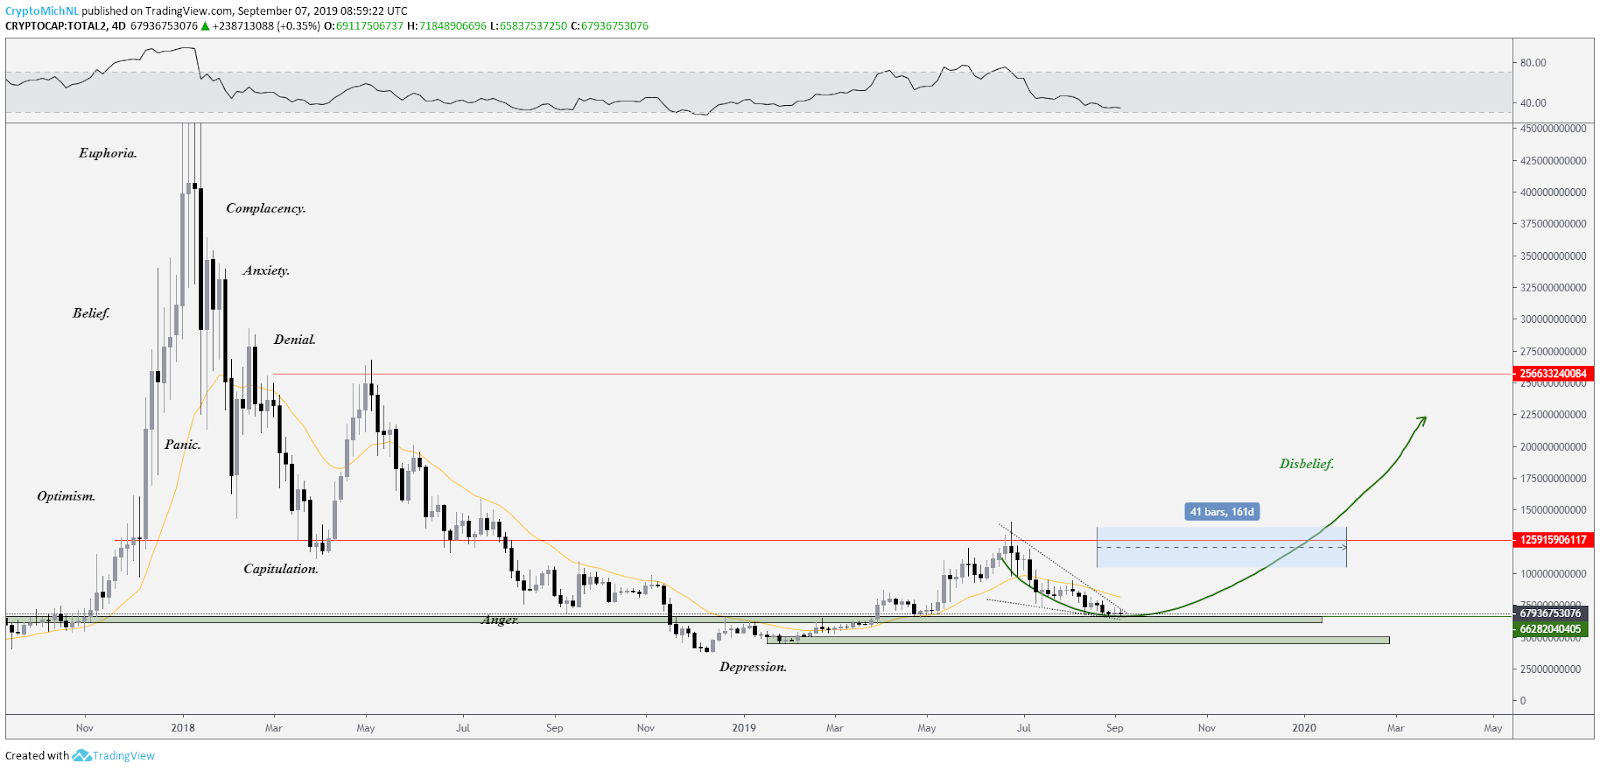 Total crypto market cap excluding Bitcoin